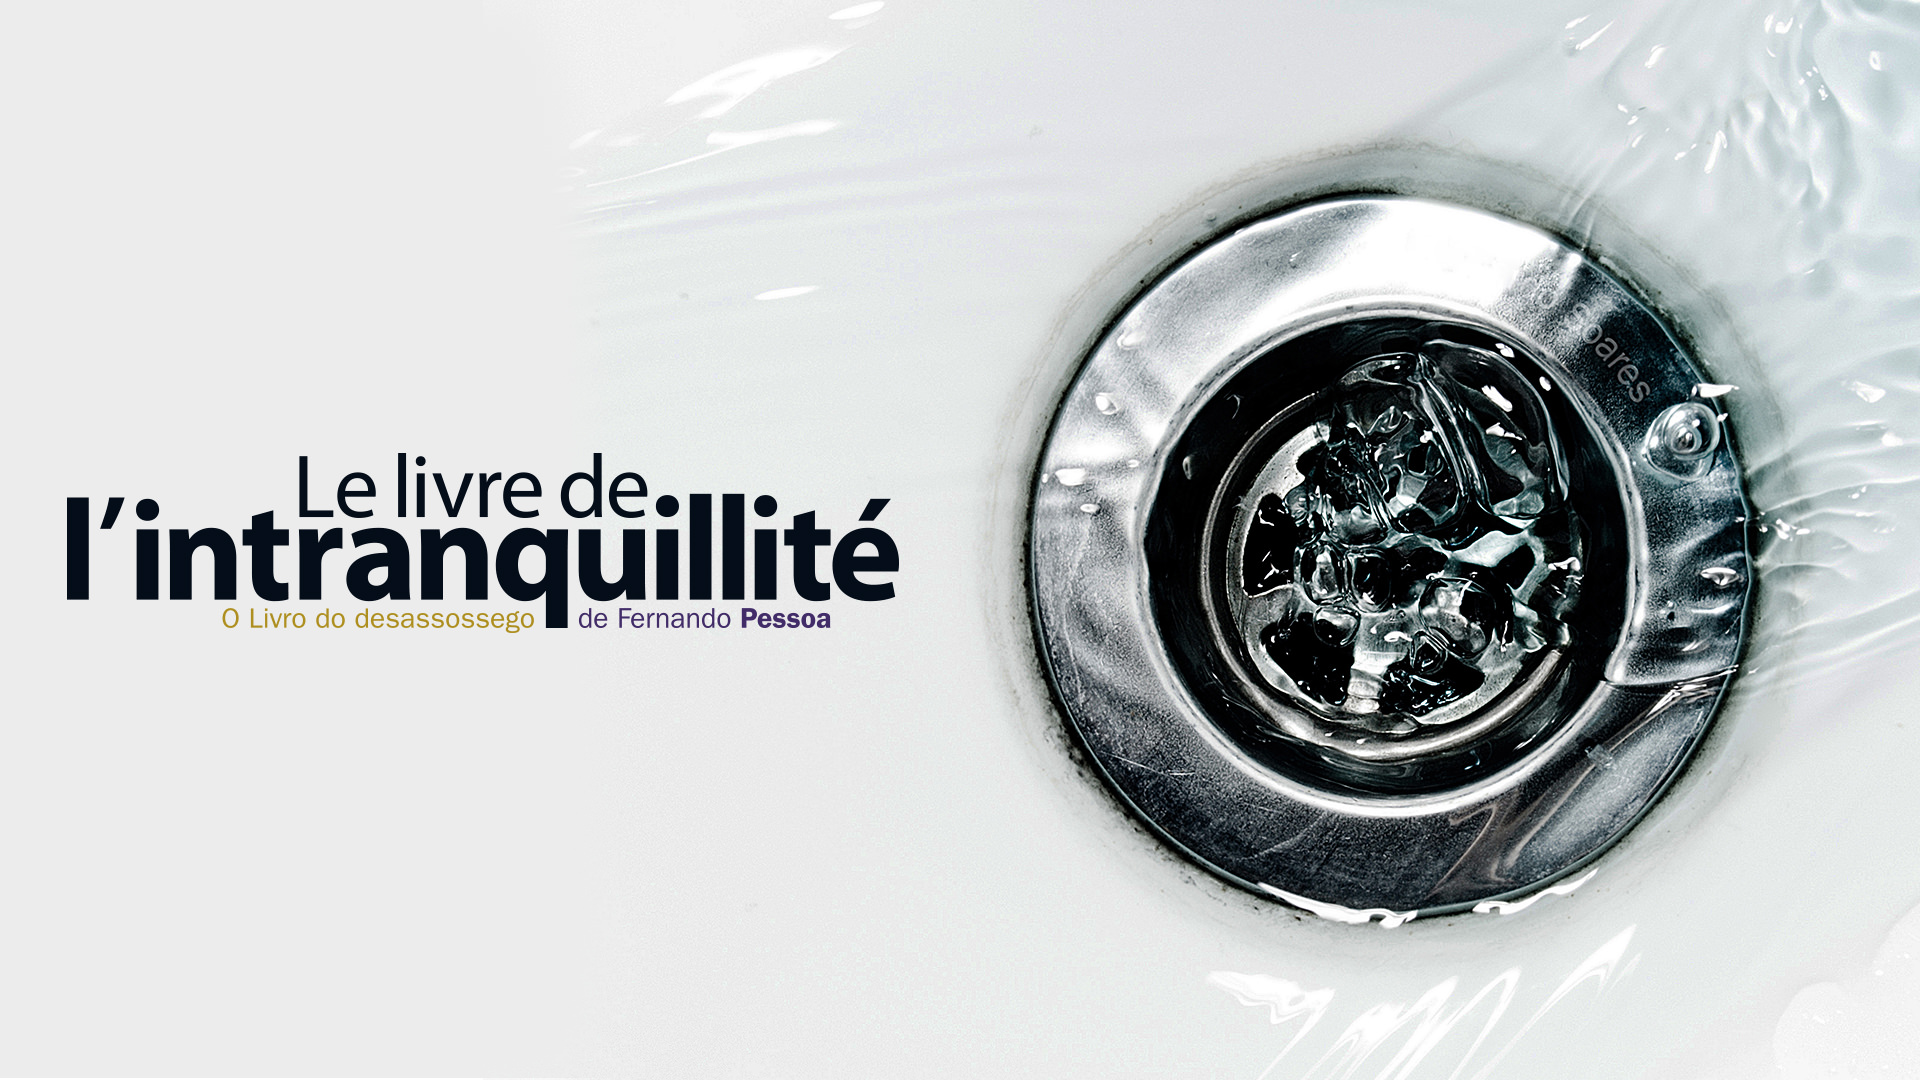 Affiche Le Livre de l'intranquilité © Jean-Marc Nigon